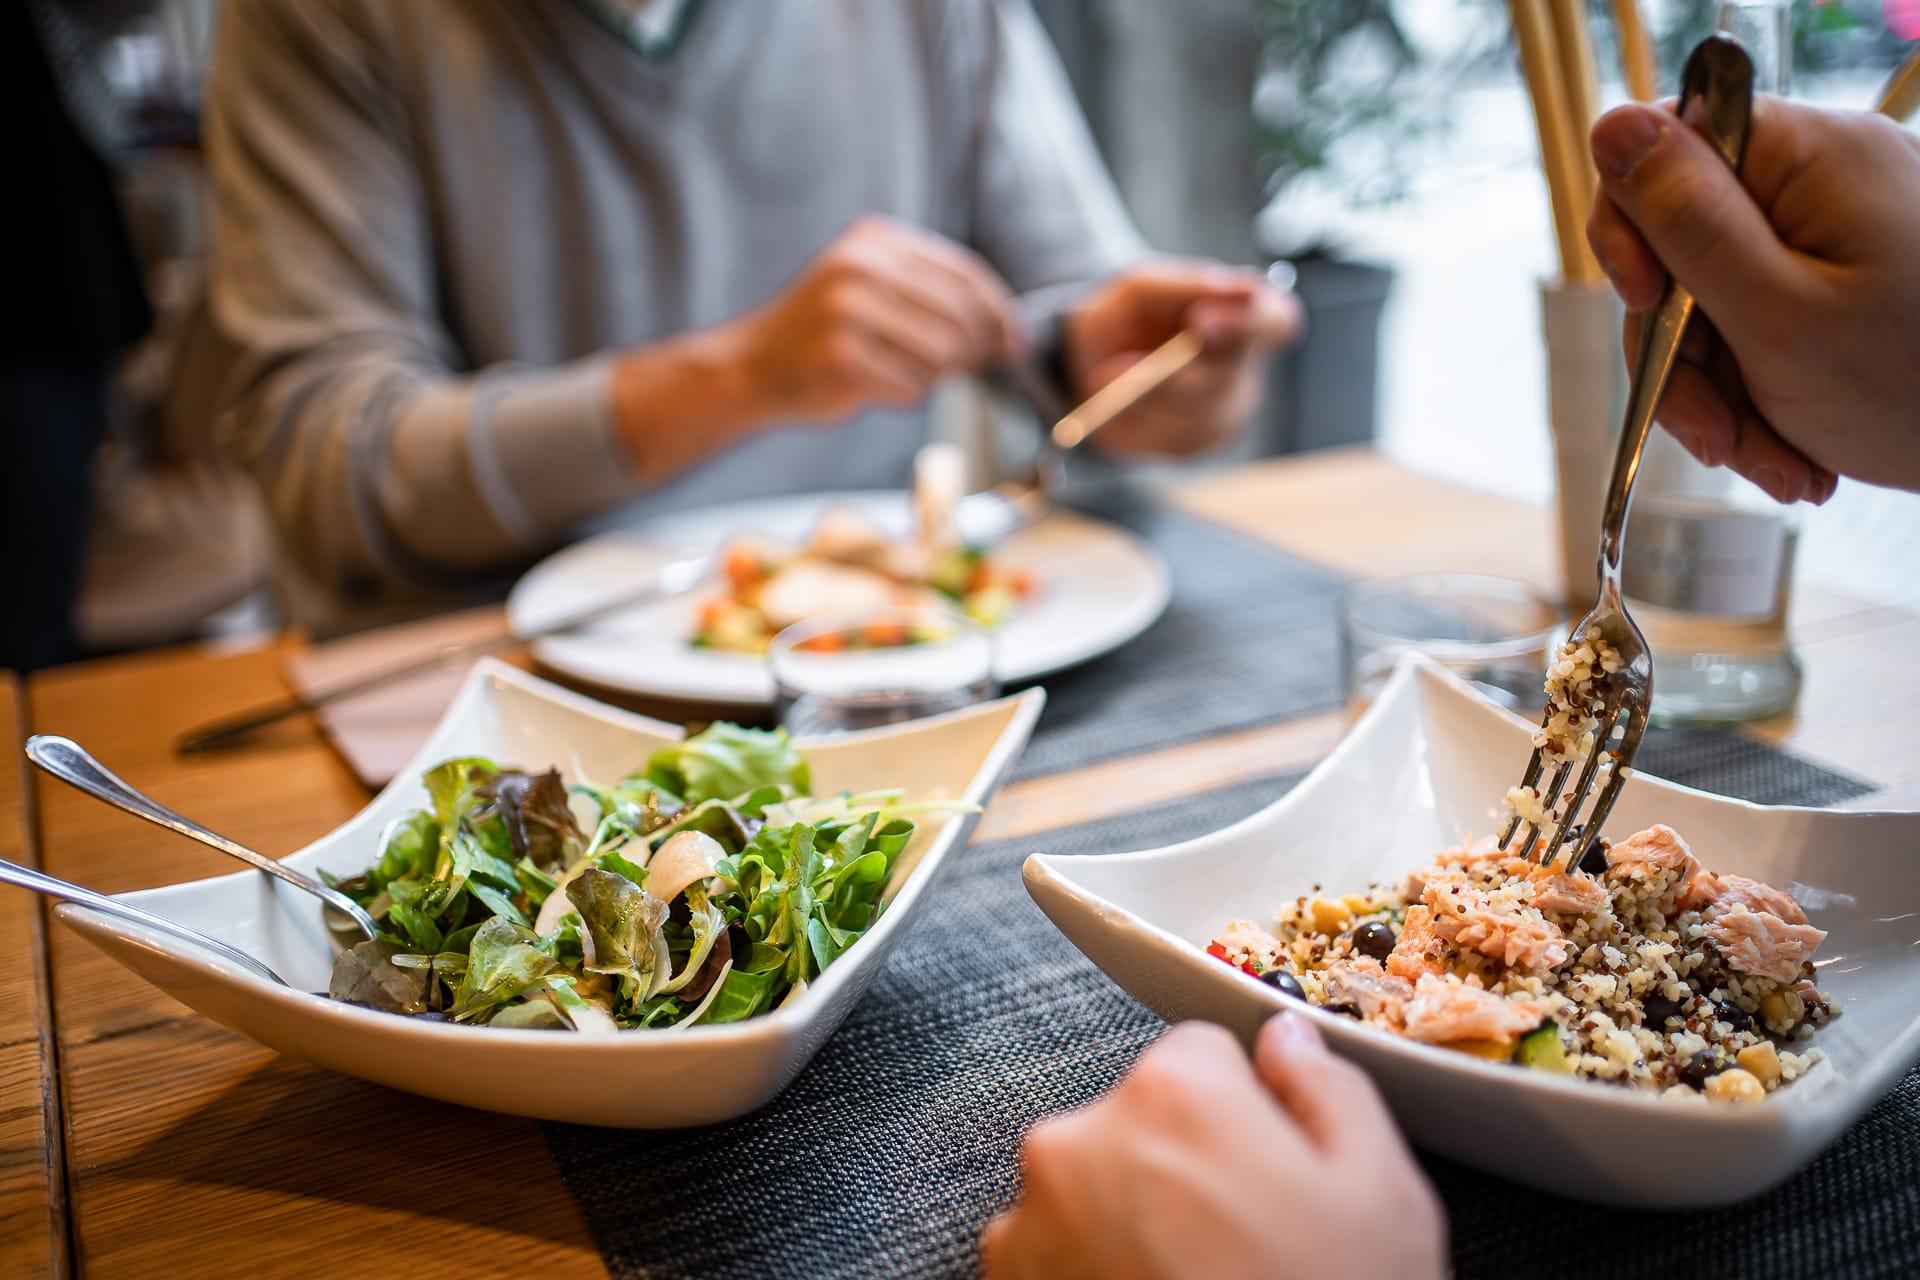 Persone che mangiano insalate miste per menù pranzo